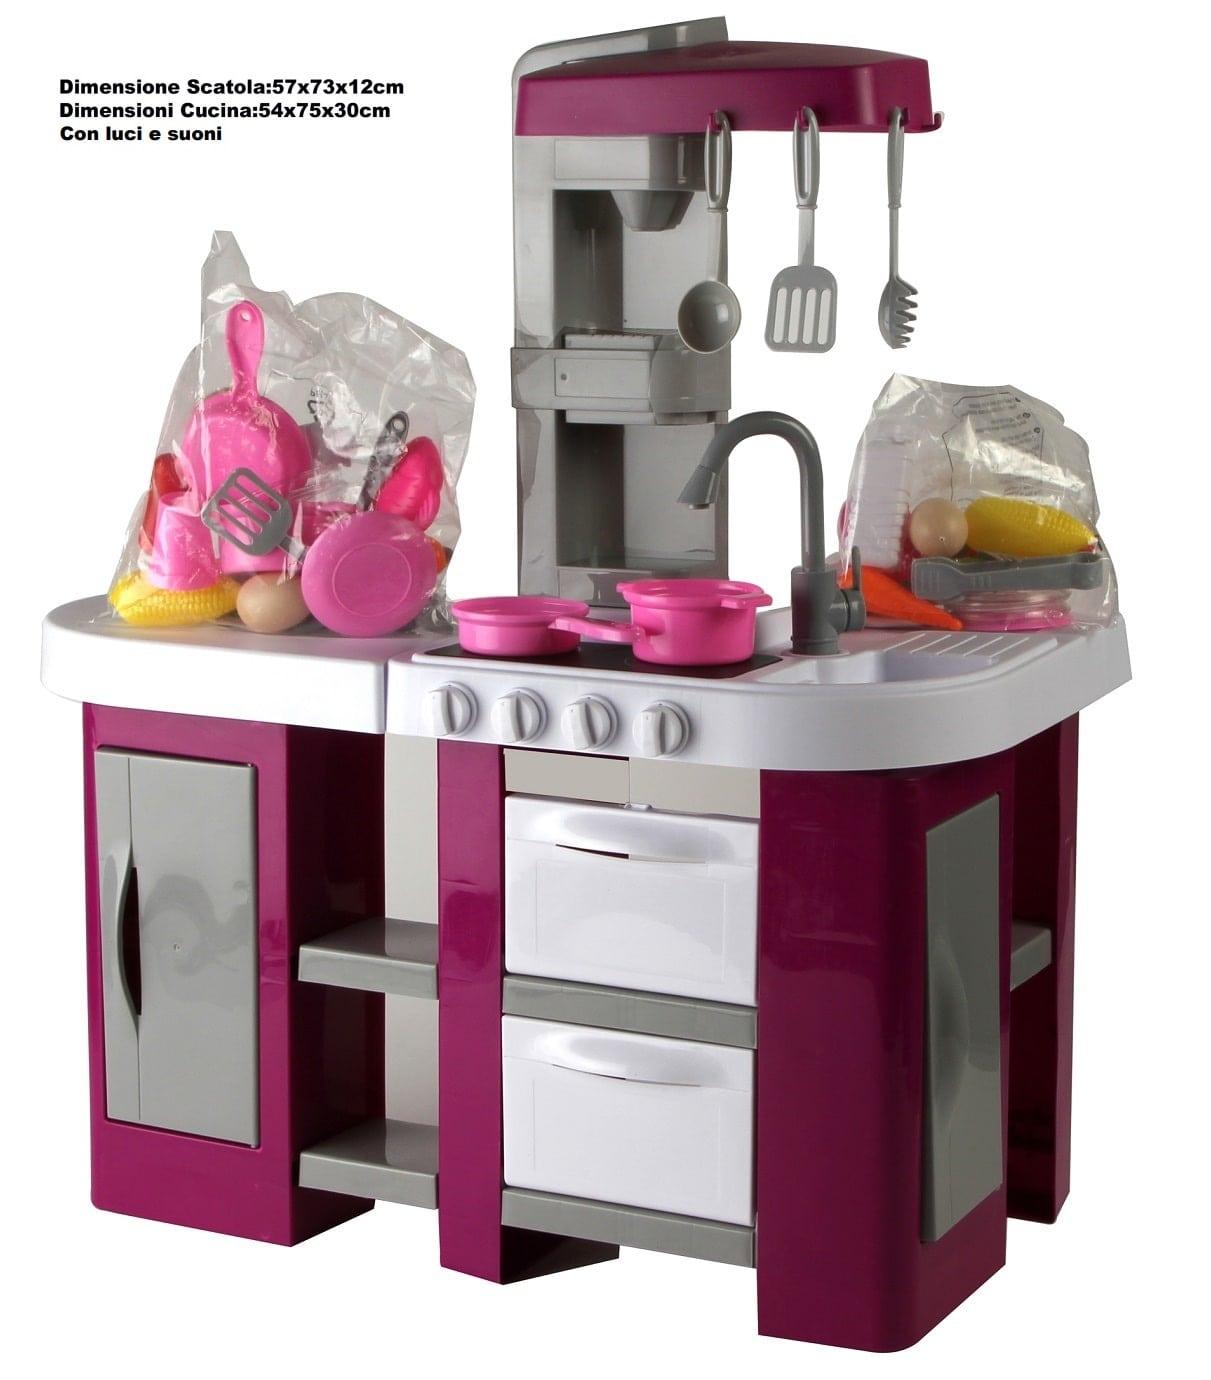 Cucina Giocattolo My Chef Per Bambini Cucina Gioco | LGV Shopping